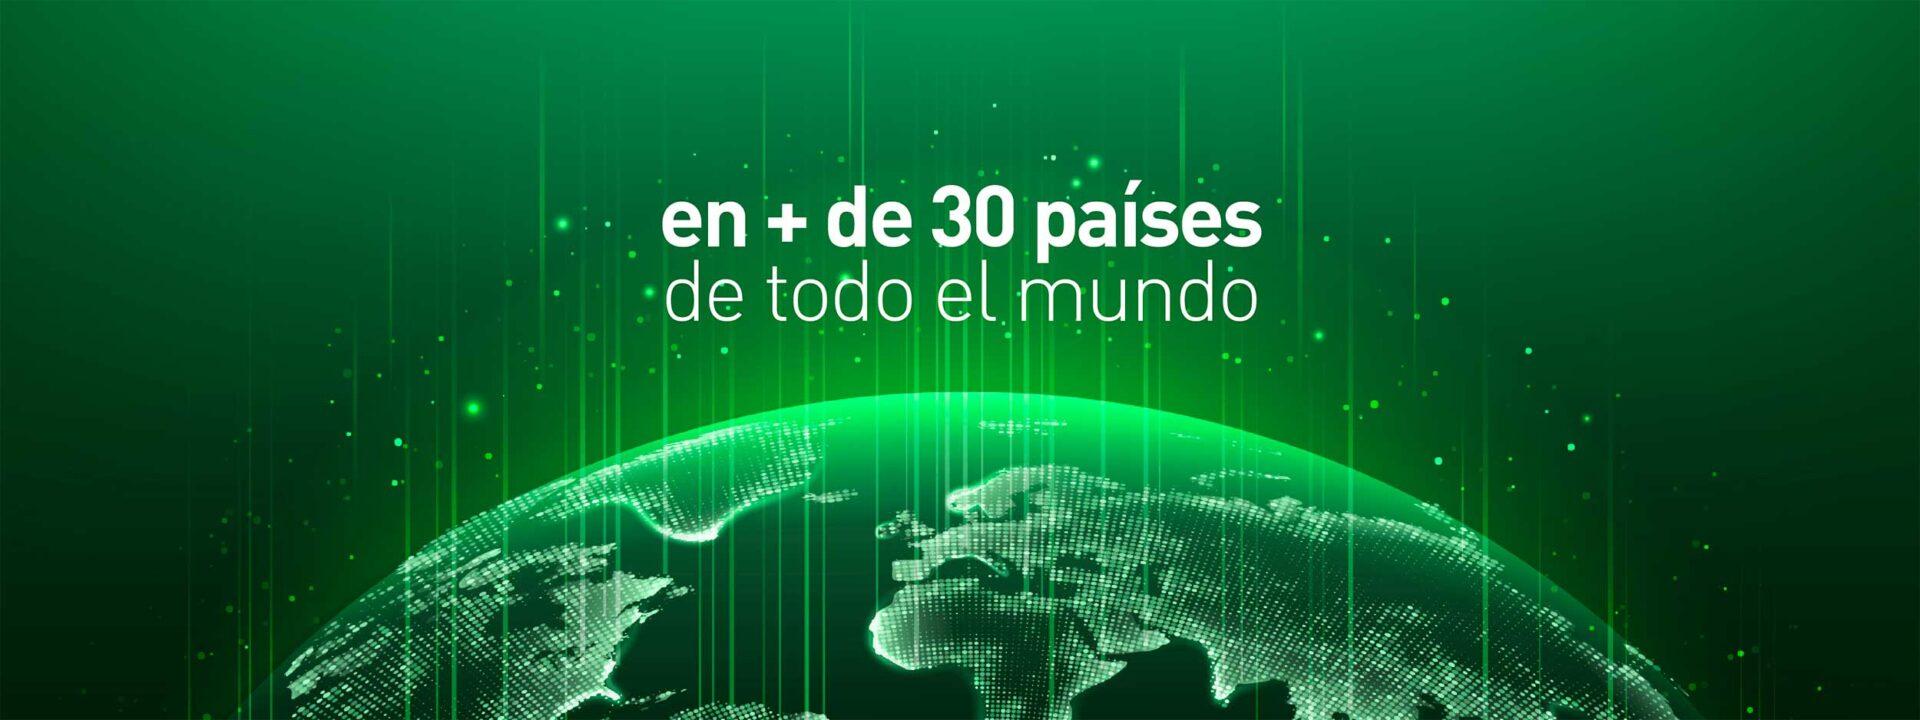 en + de 30 países de todo el mundo